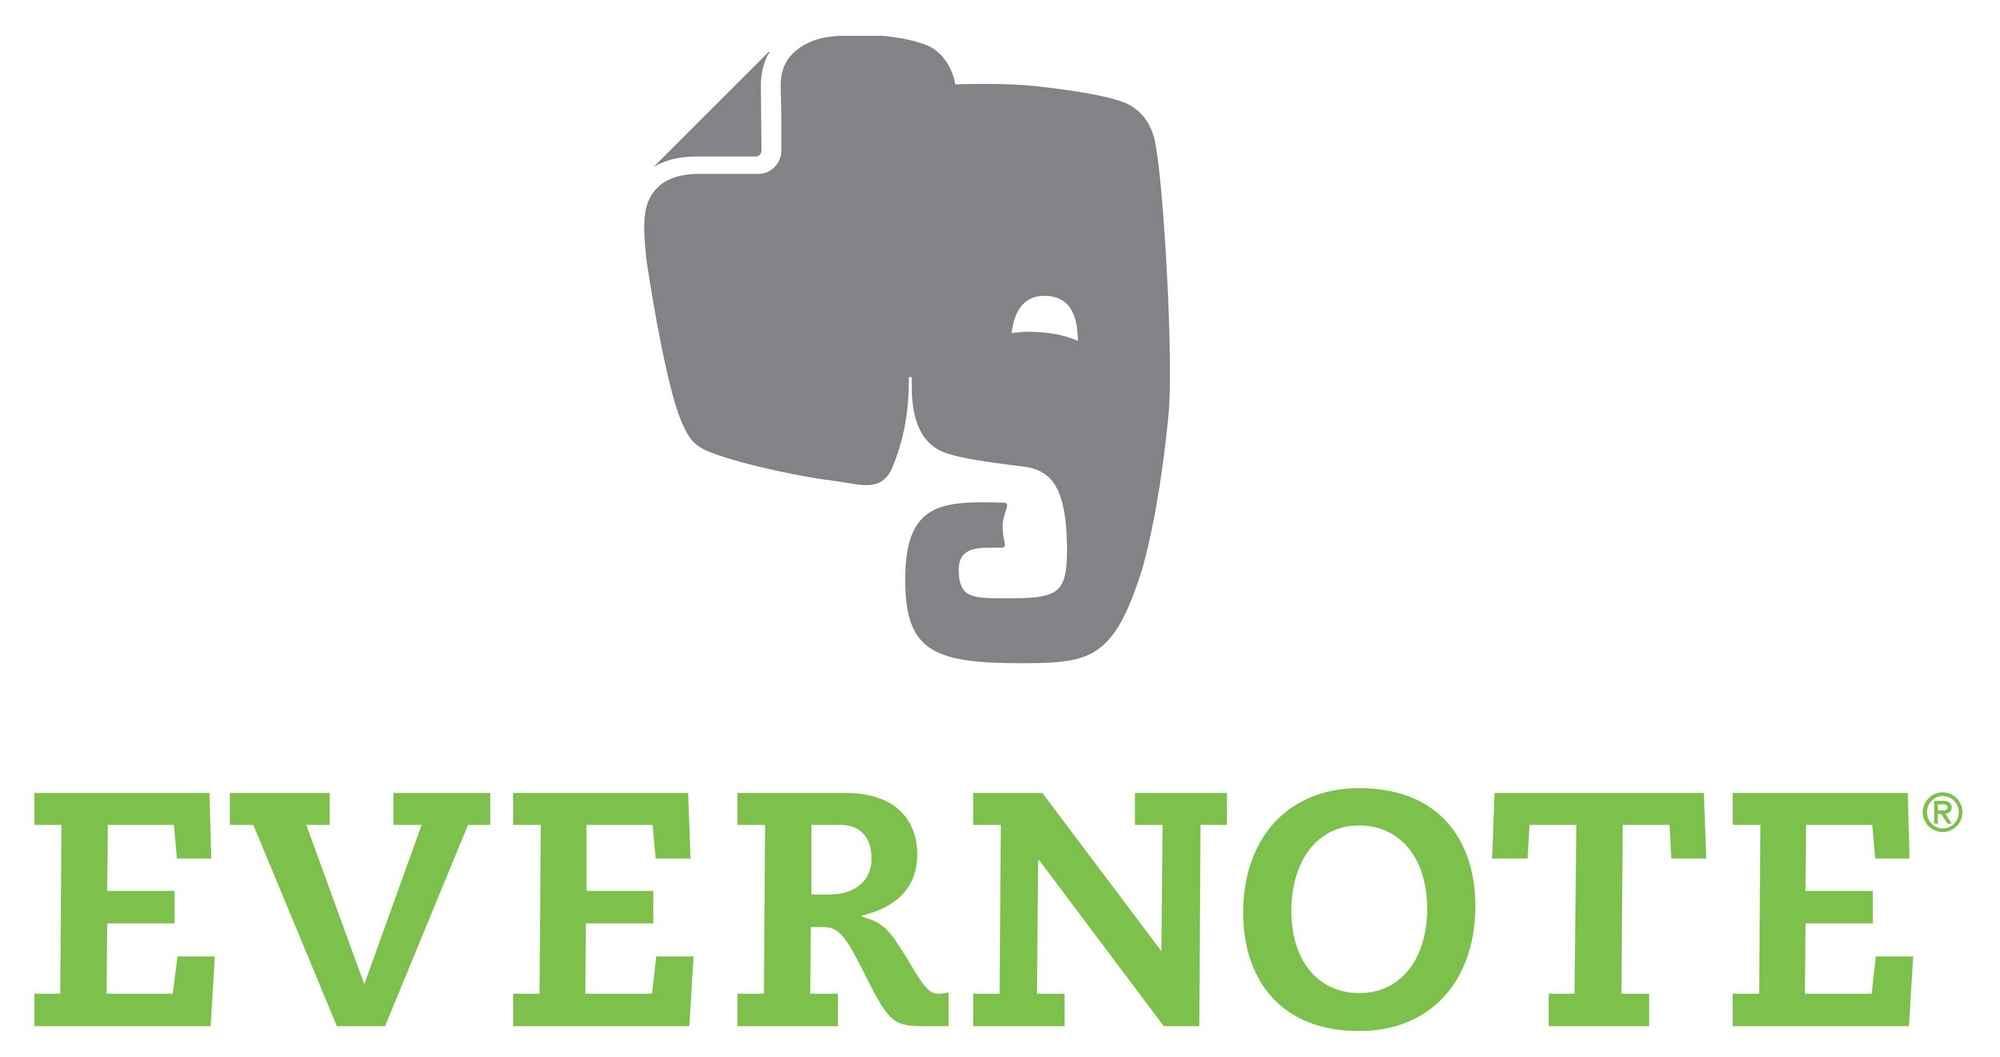 Evernote Logo [PDF]